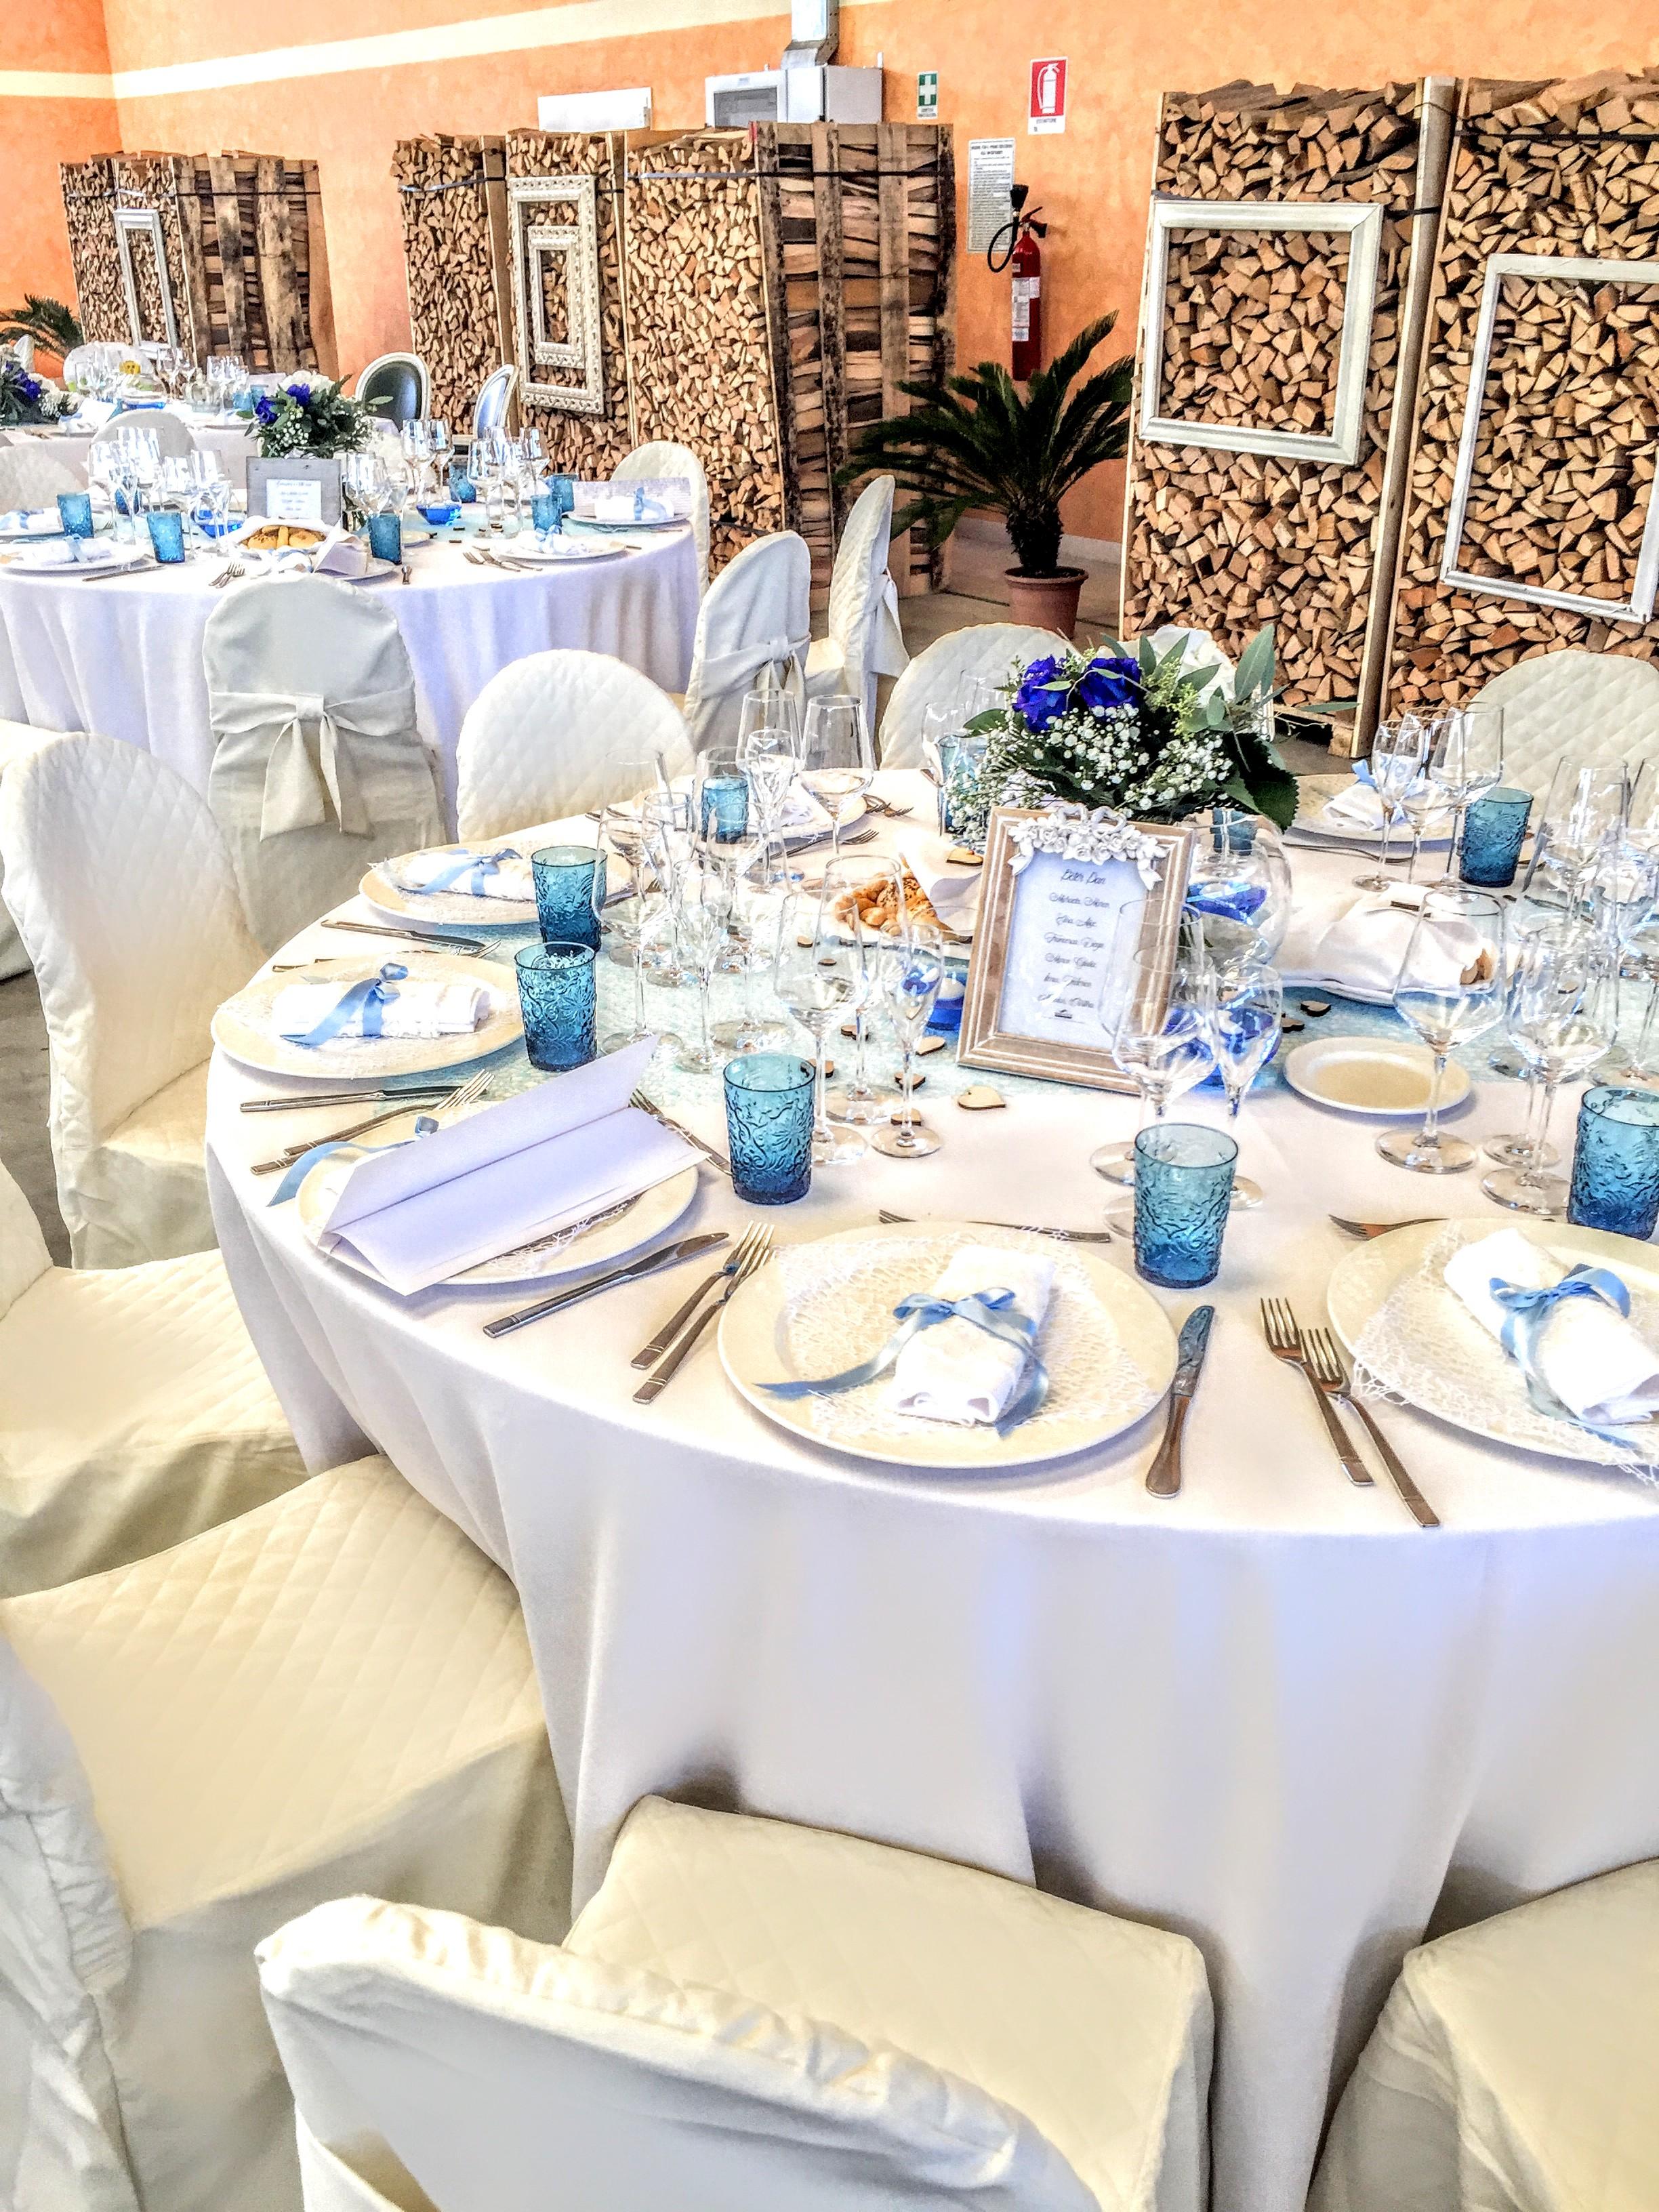 tavola imbandita di ristorante per matrimoni e cerimonie